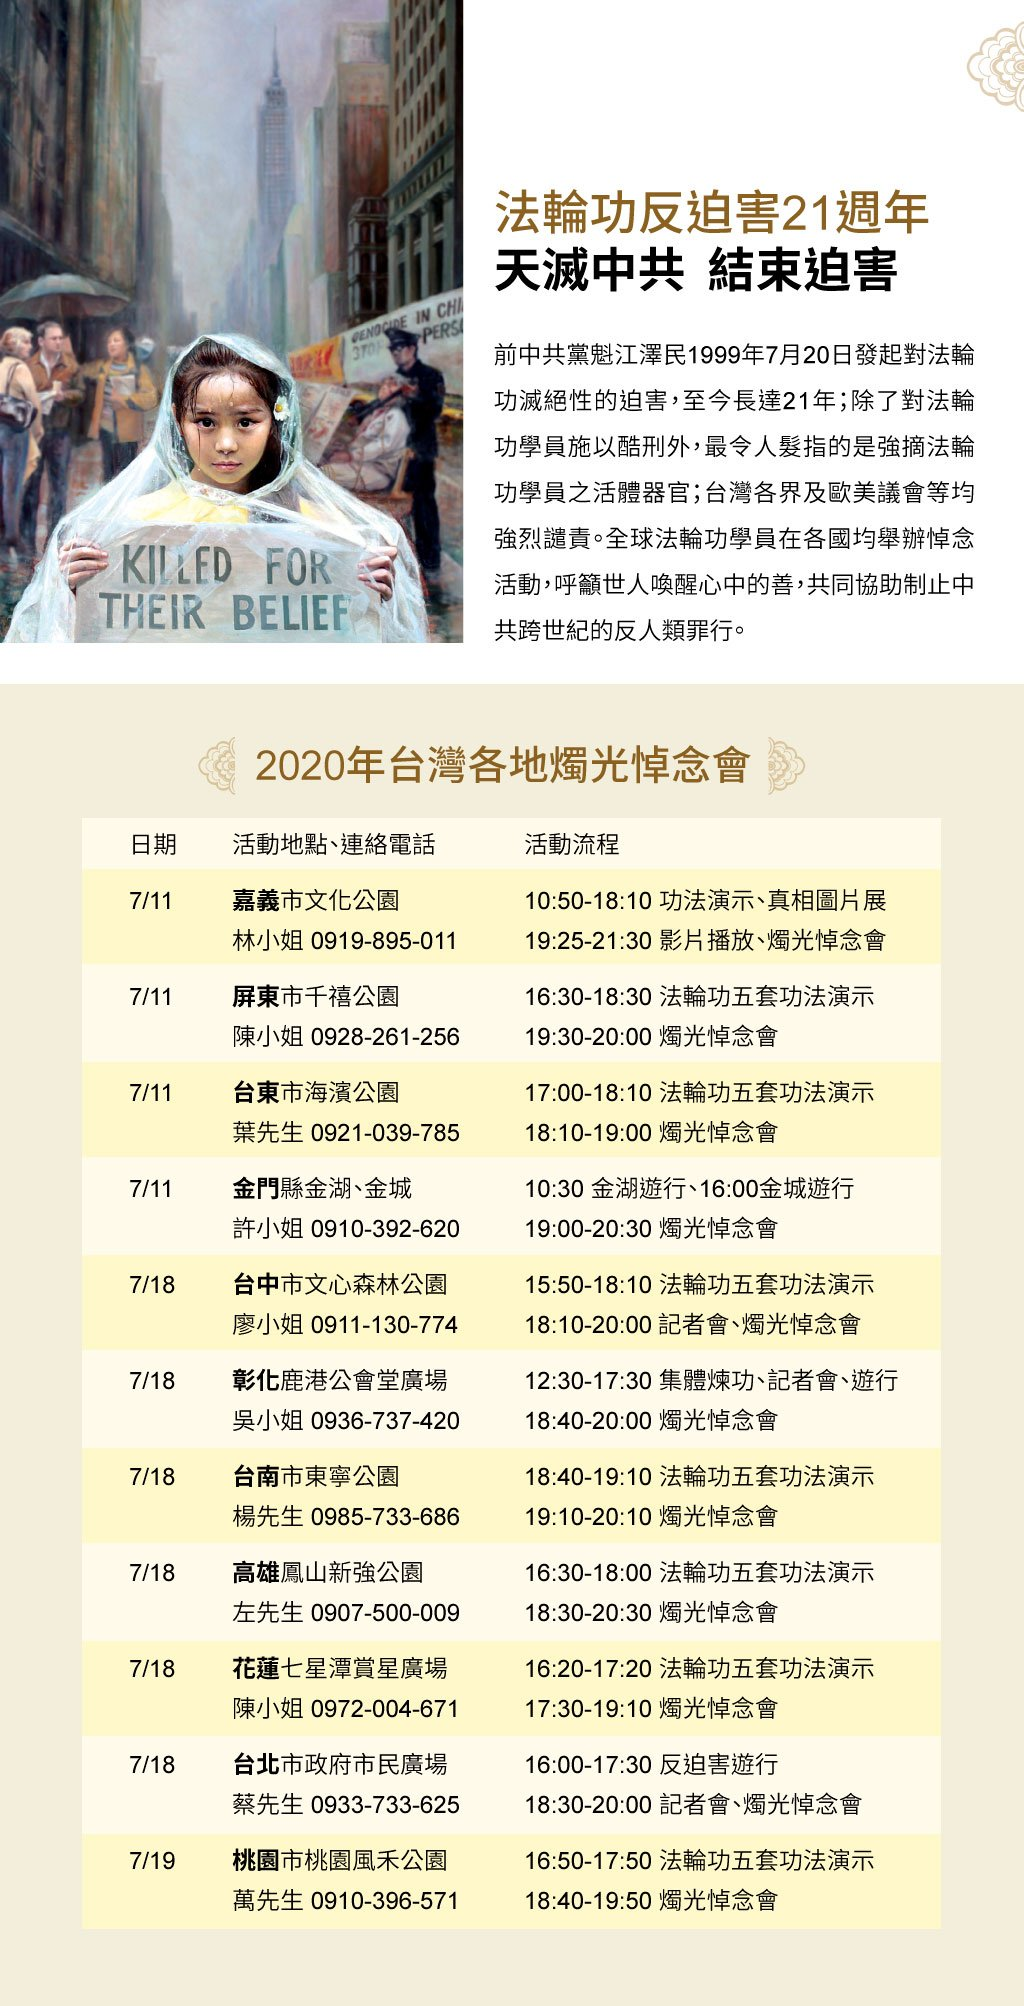 2020台灣各地燭光悼念會。(台灣法輪大法學會提供)